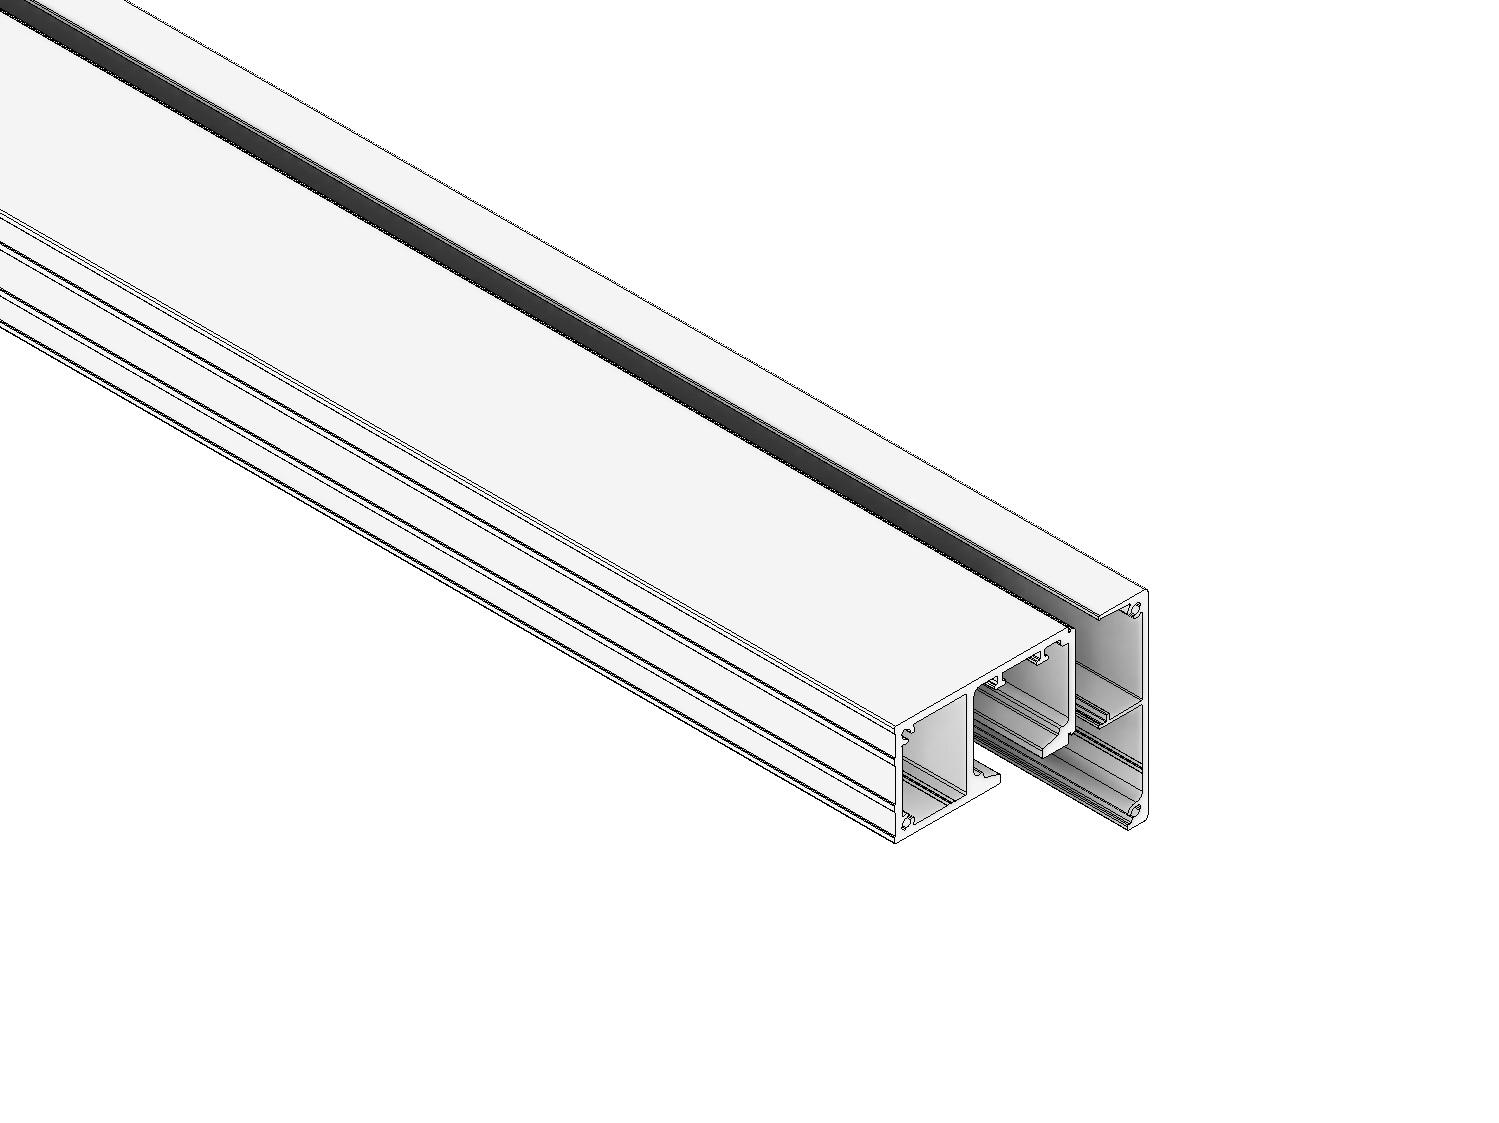 1-läufiges Schienen-Set 59 mm vdW. in Alu eloxiert (hängend)